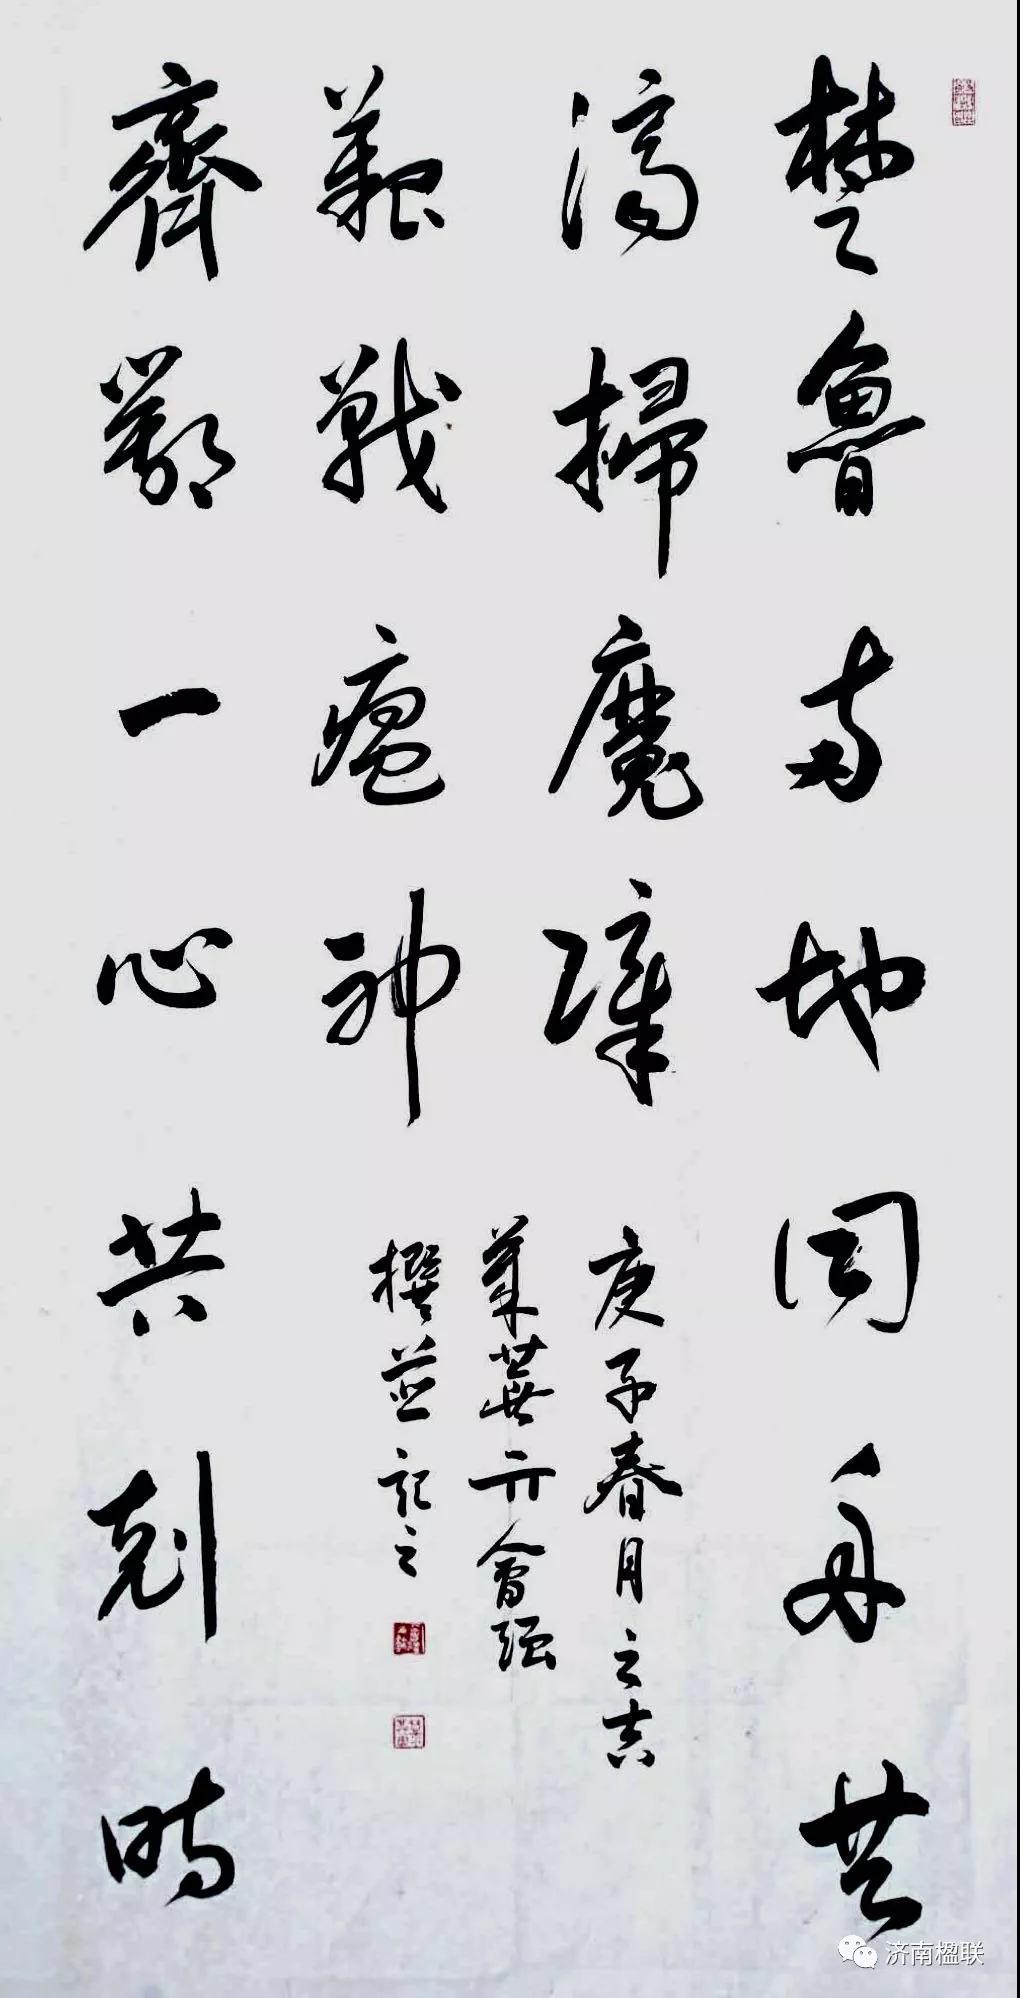 翰墨丹---济南市楹联艺术家协会主题特展(3)